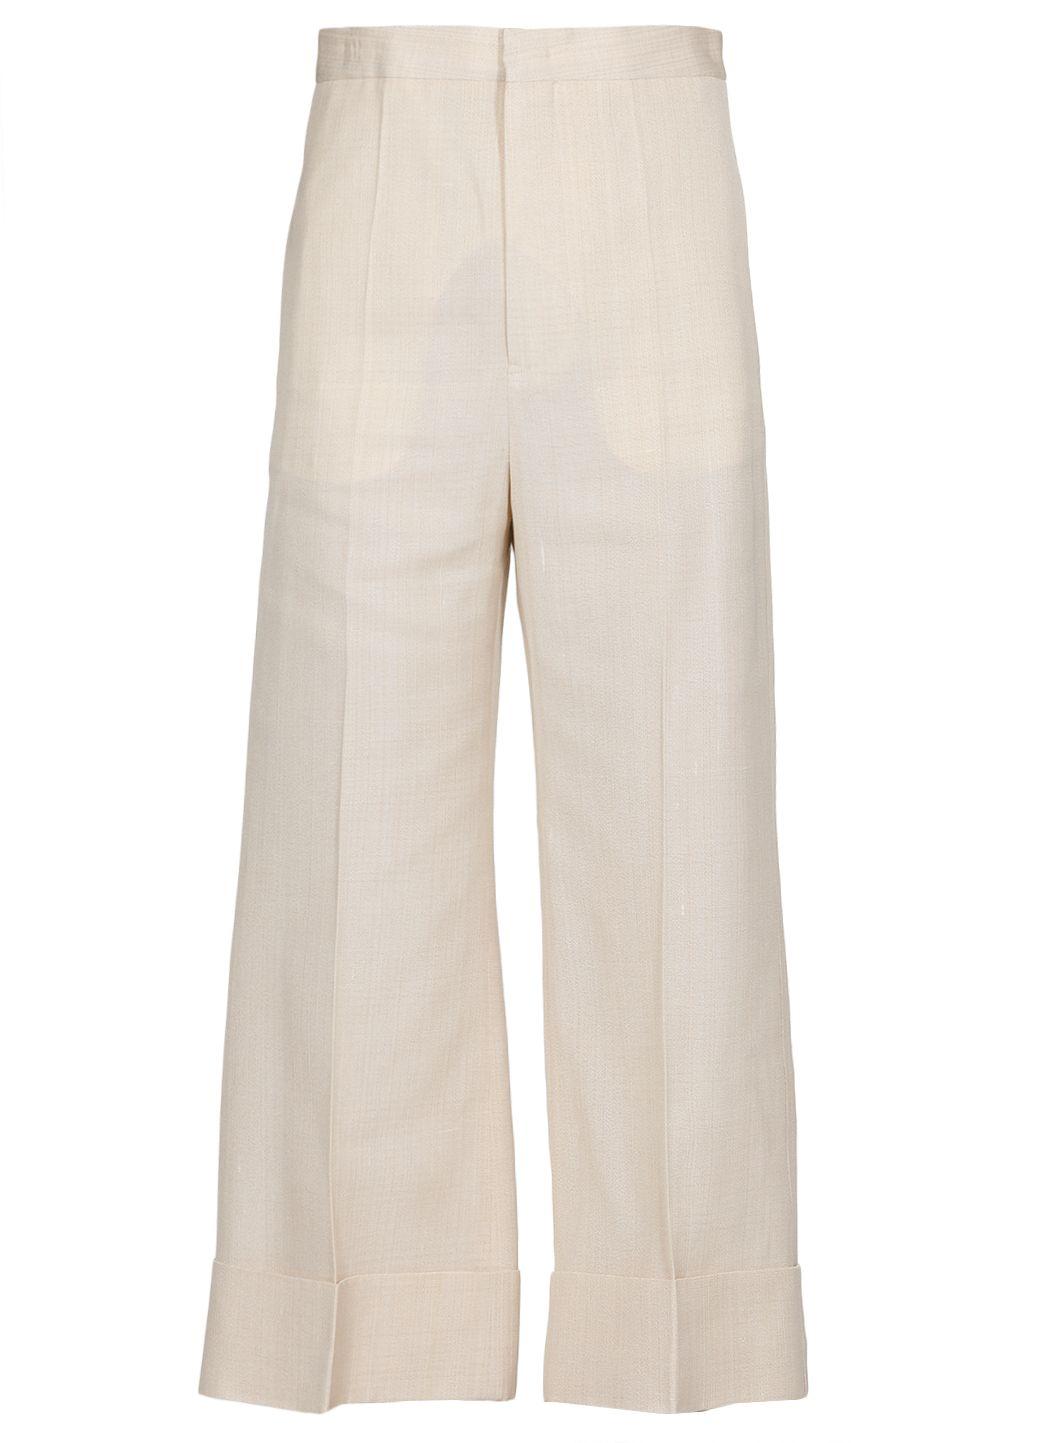 Pantalone in misto seta con risvolto